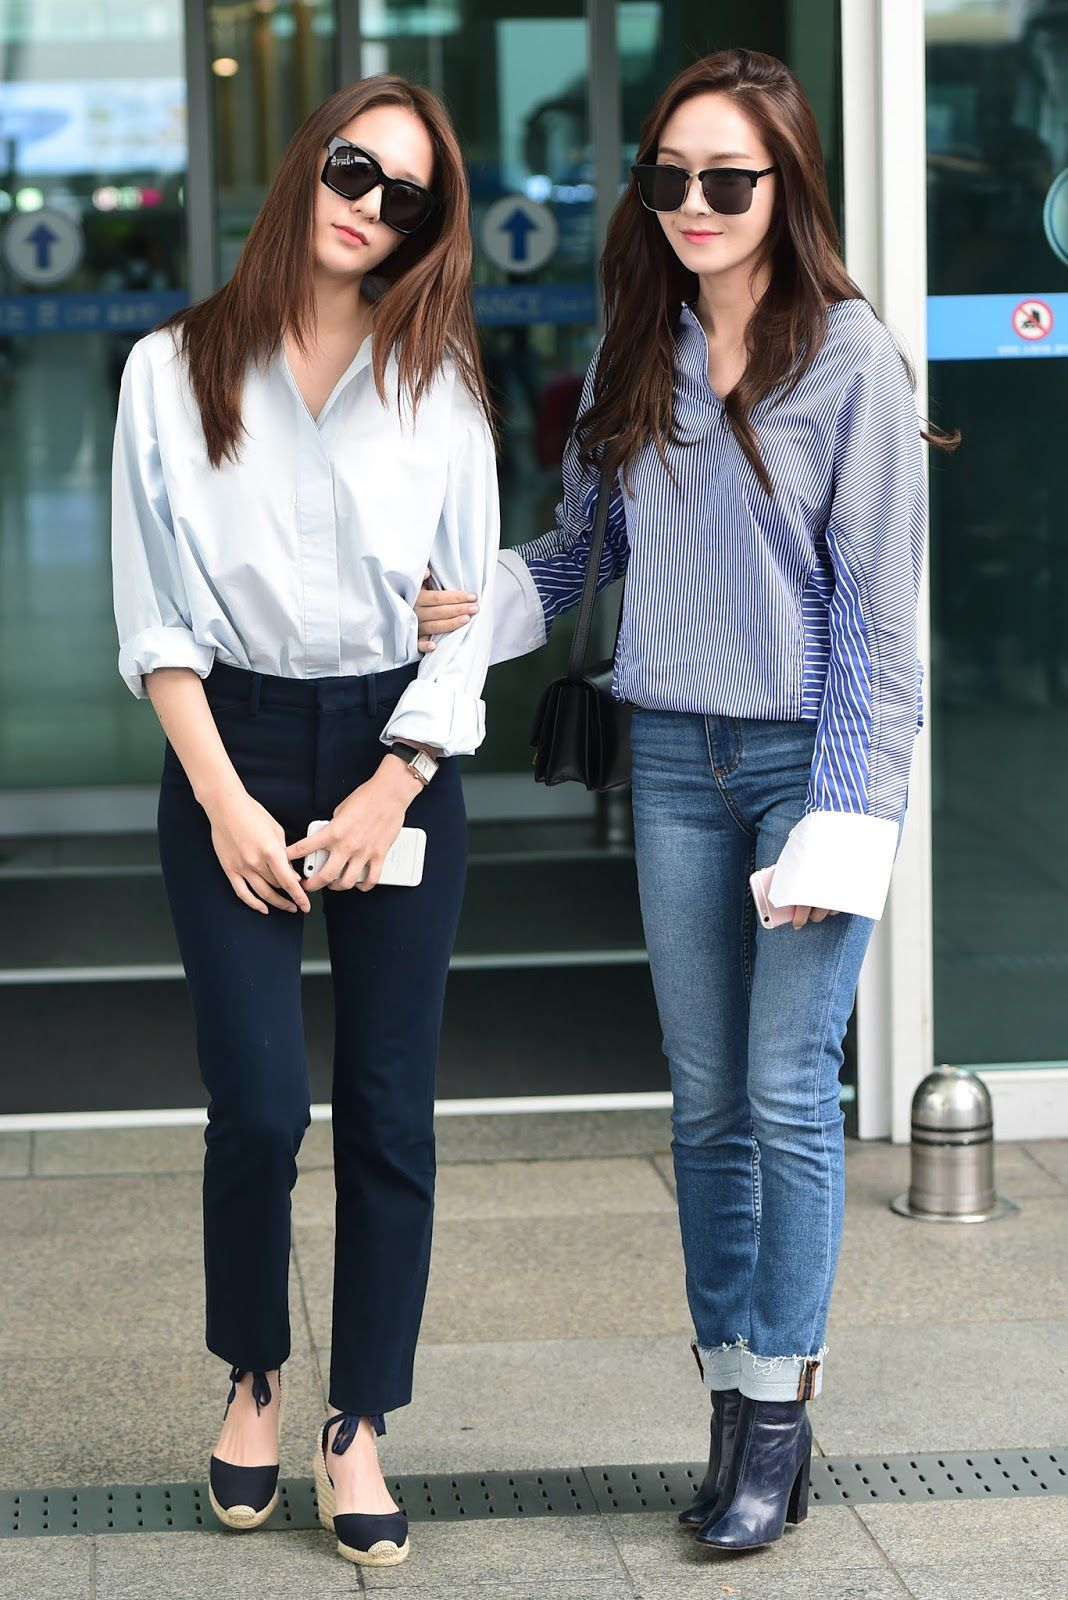 phong cách thời trang cặp chị em 2